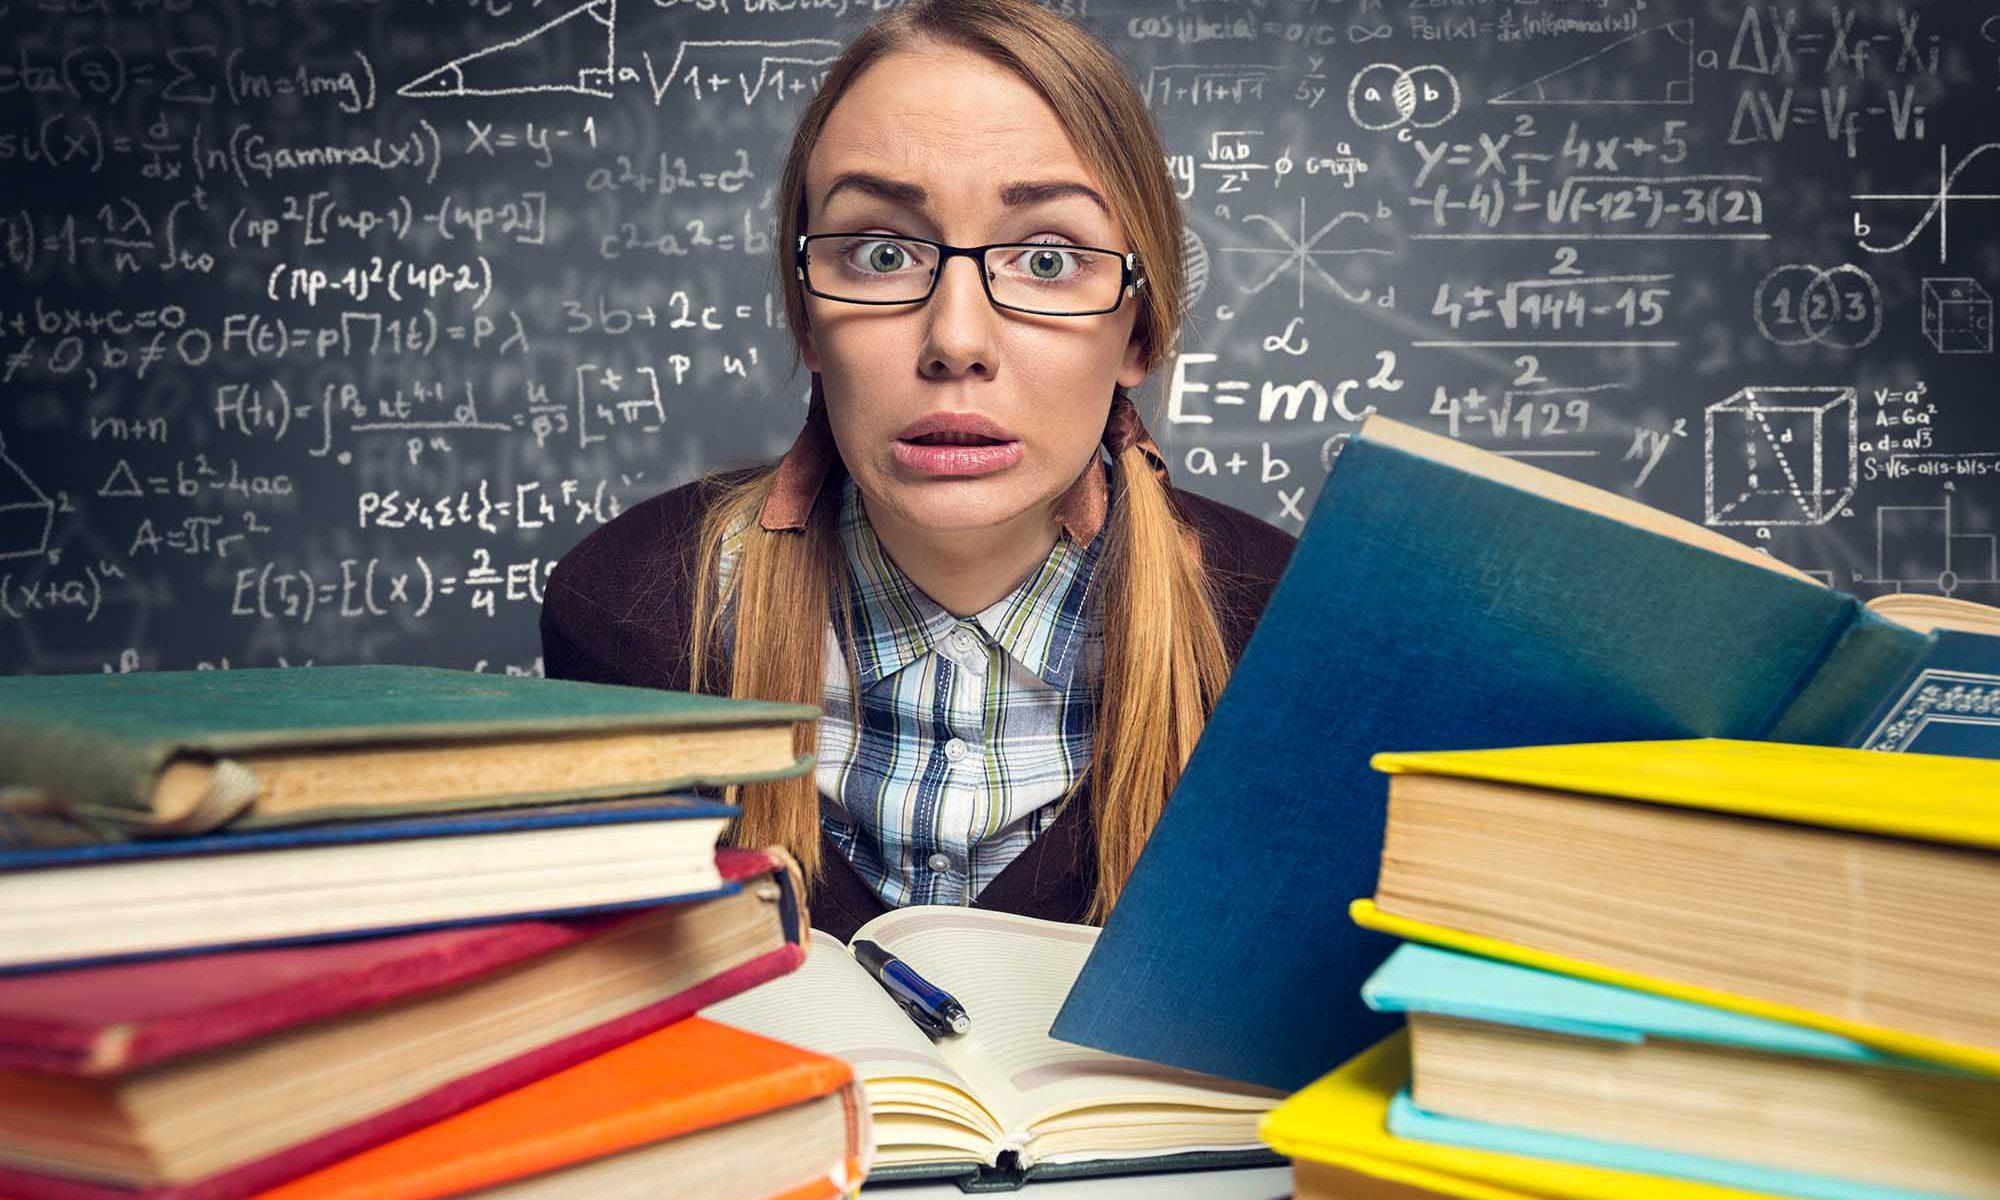 Кто боится математики? Разбираемся с тем, откуда берется страх перед «царицей наук»